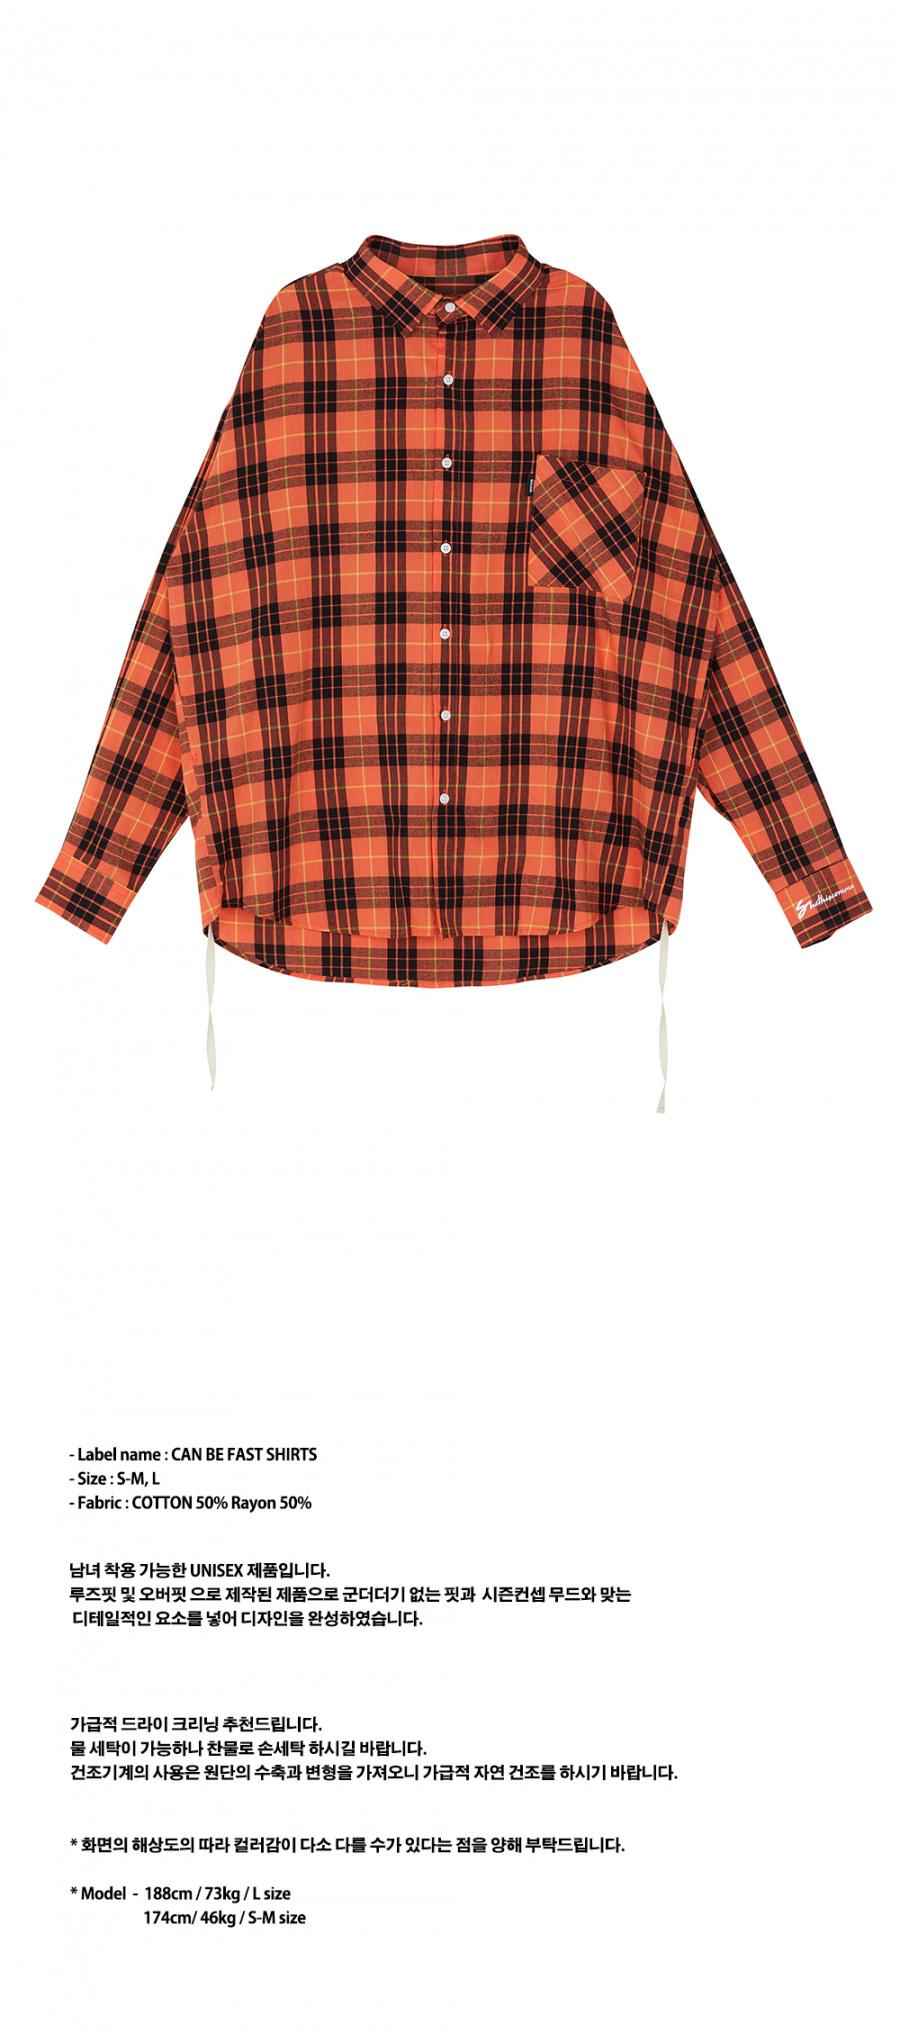 시디스콤마(SHETHISCOMMA) 캔 비 패스트 셔츠(오렌지)